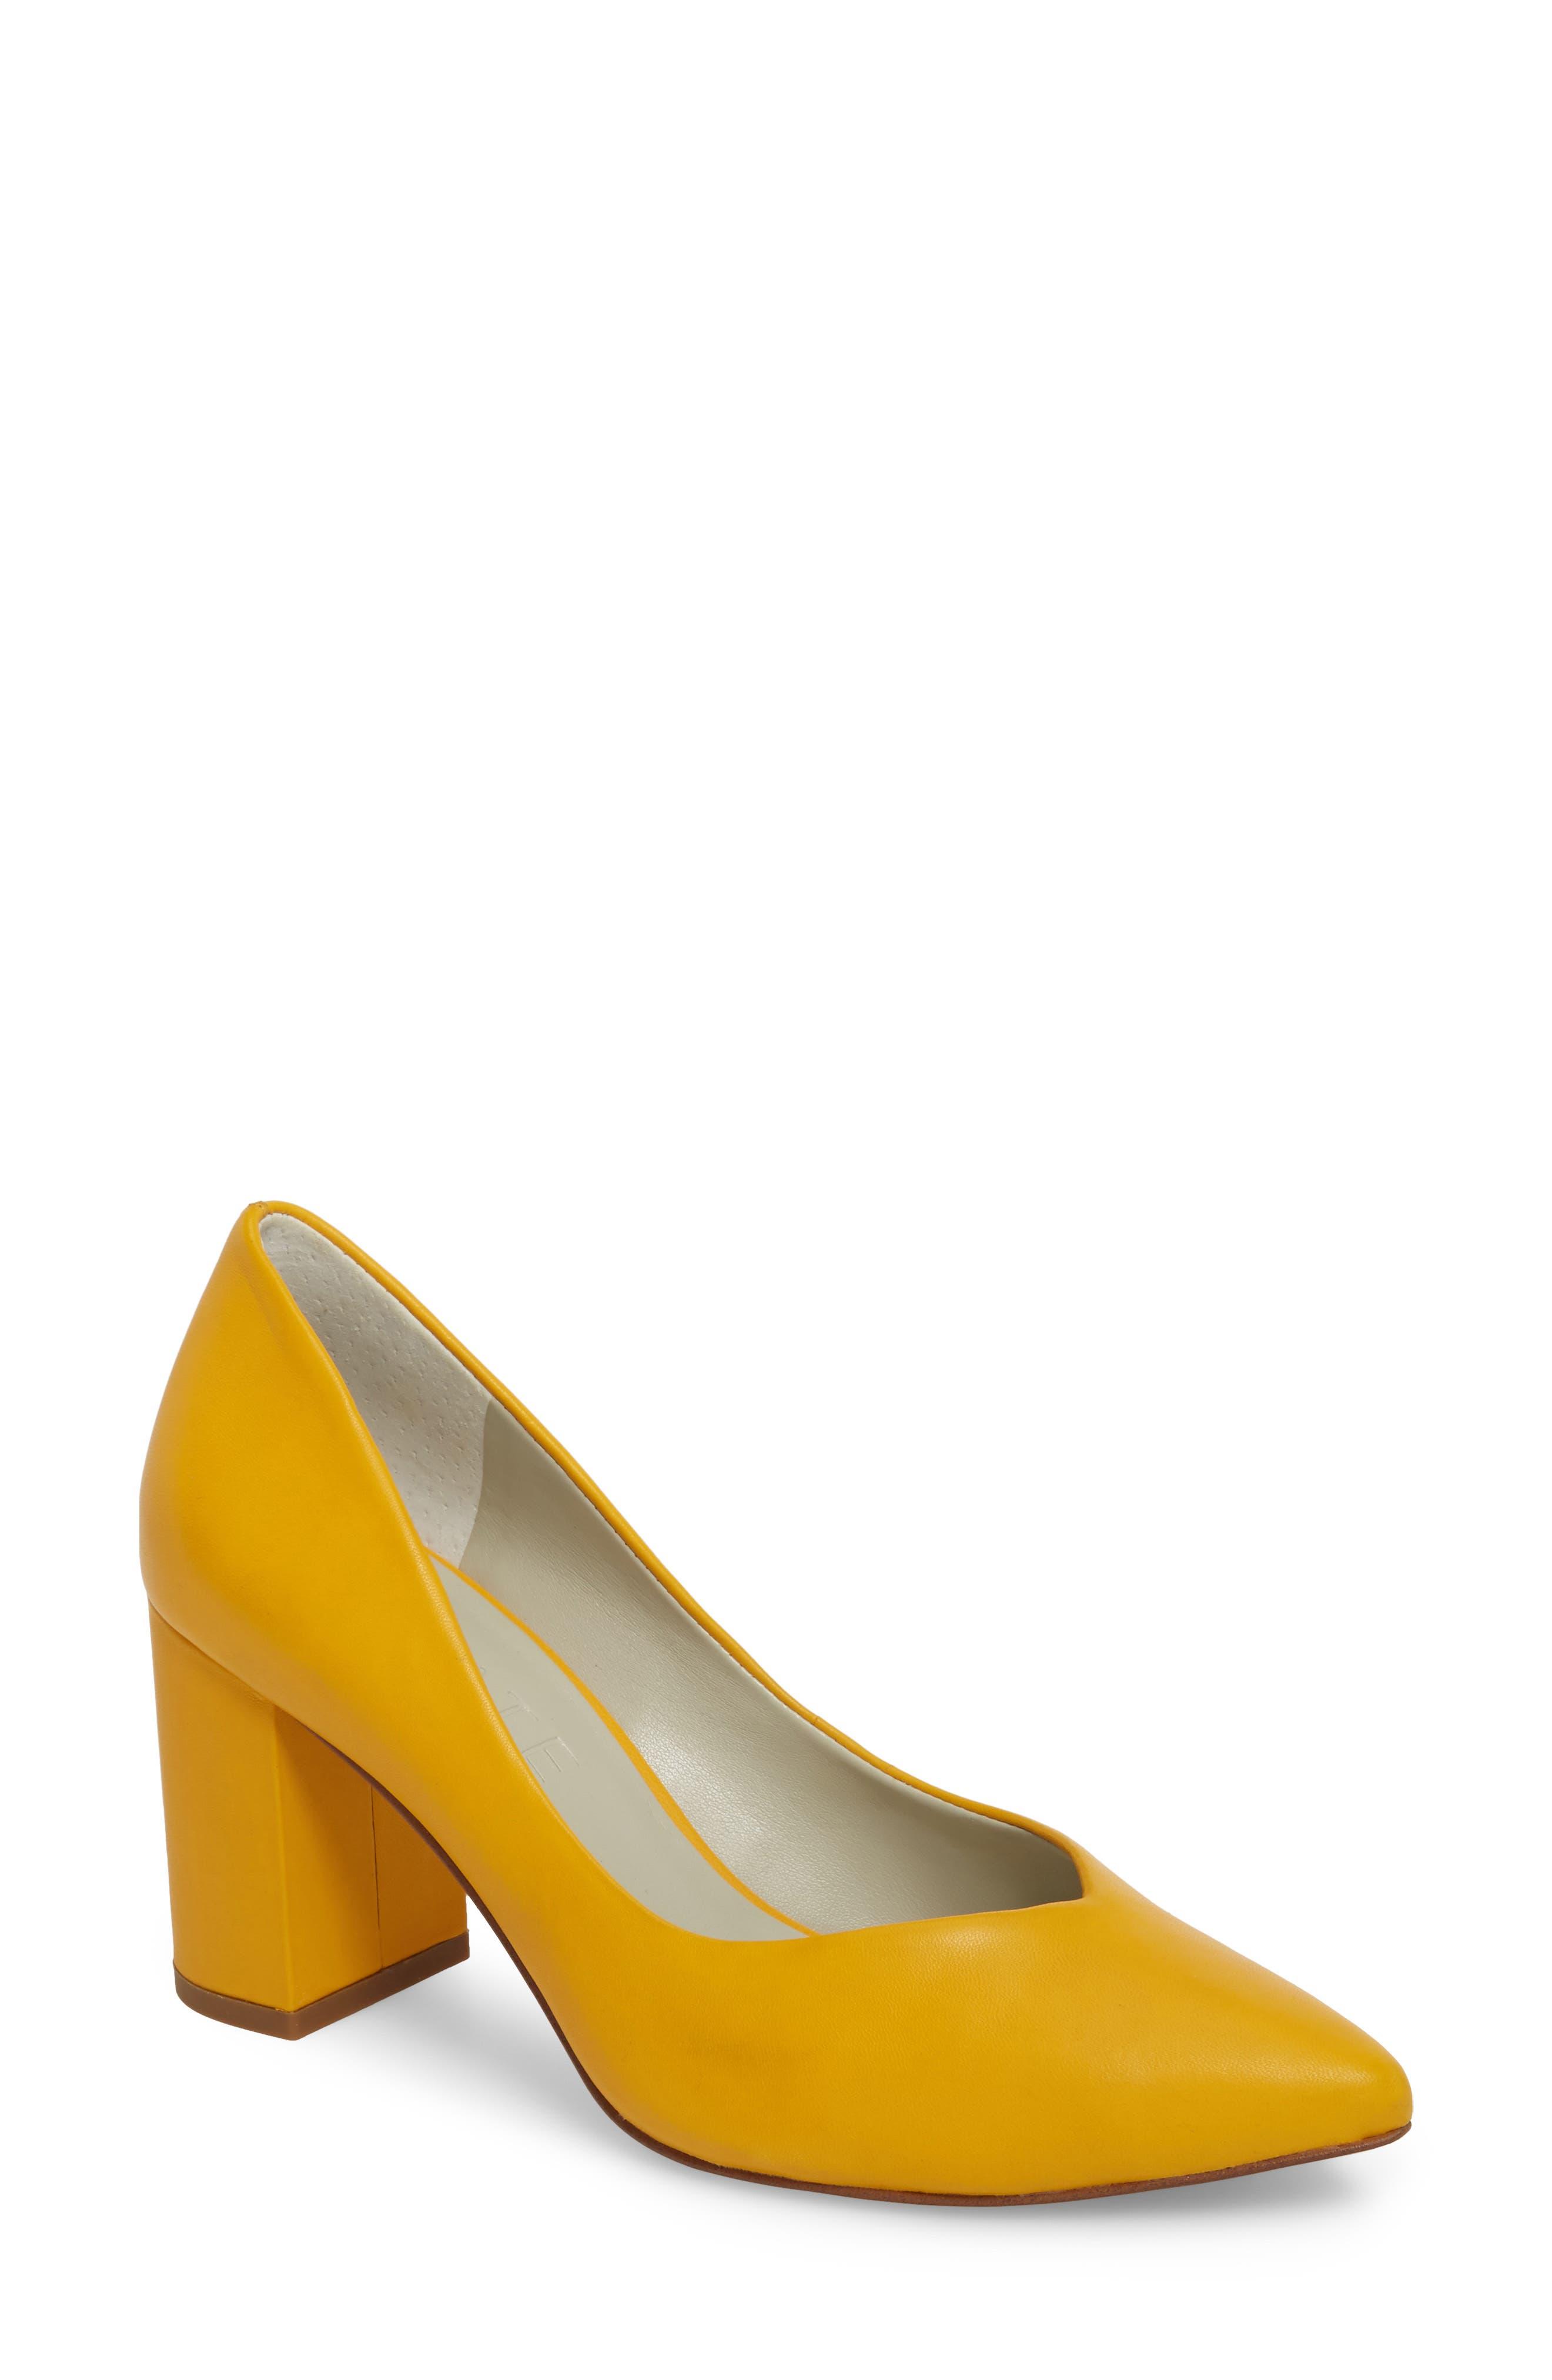 Saffy Block Heel Pump,                         Main,                         color, Spectra Leather